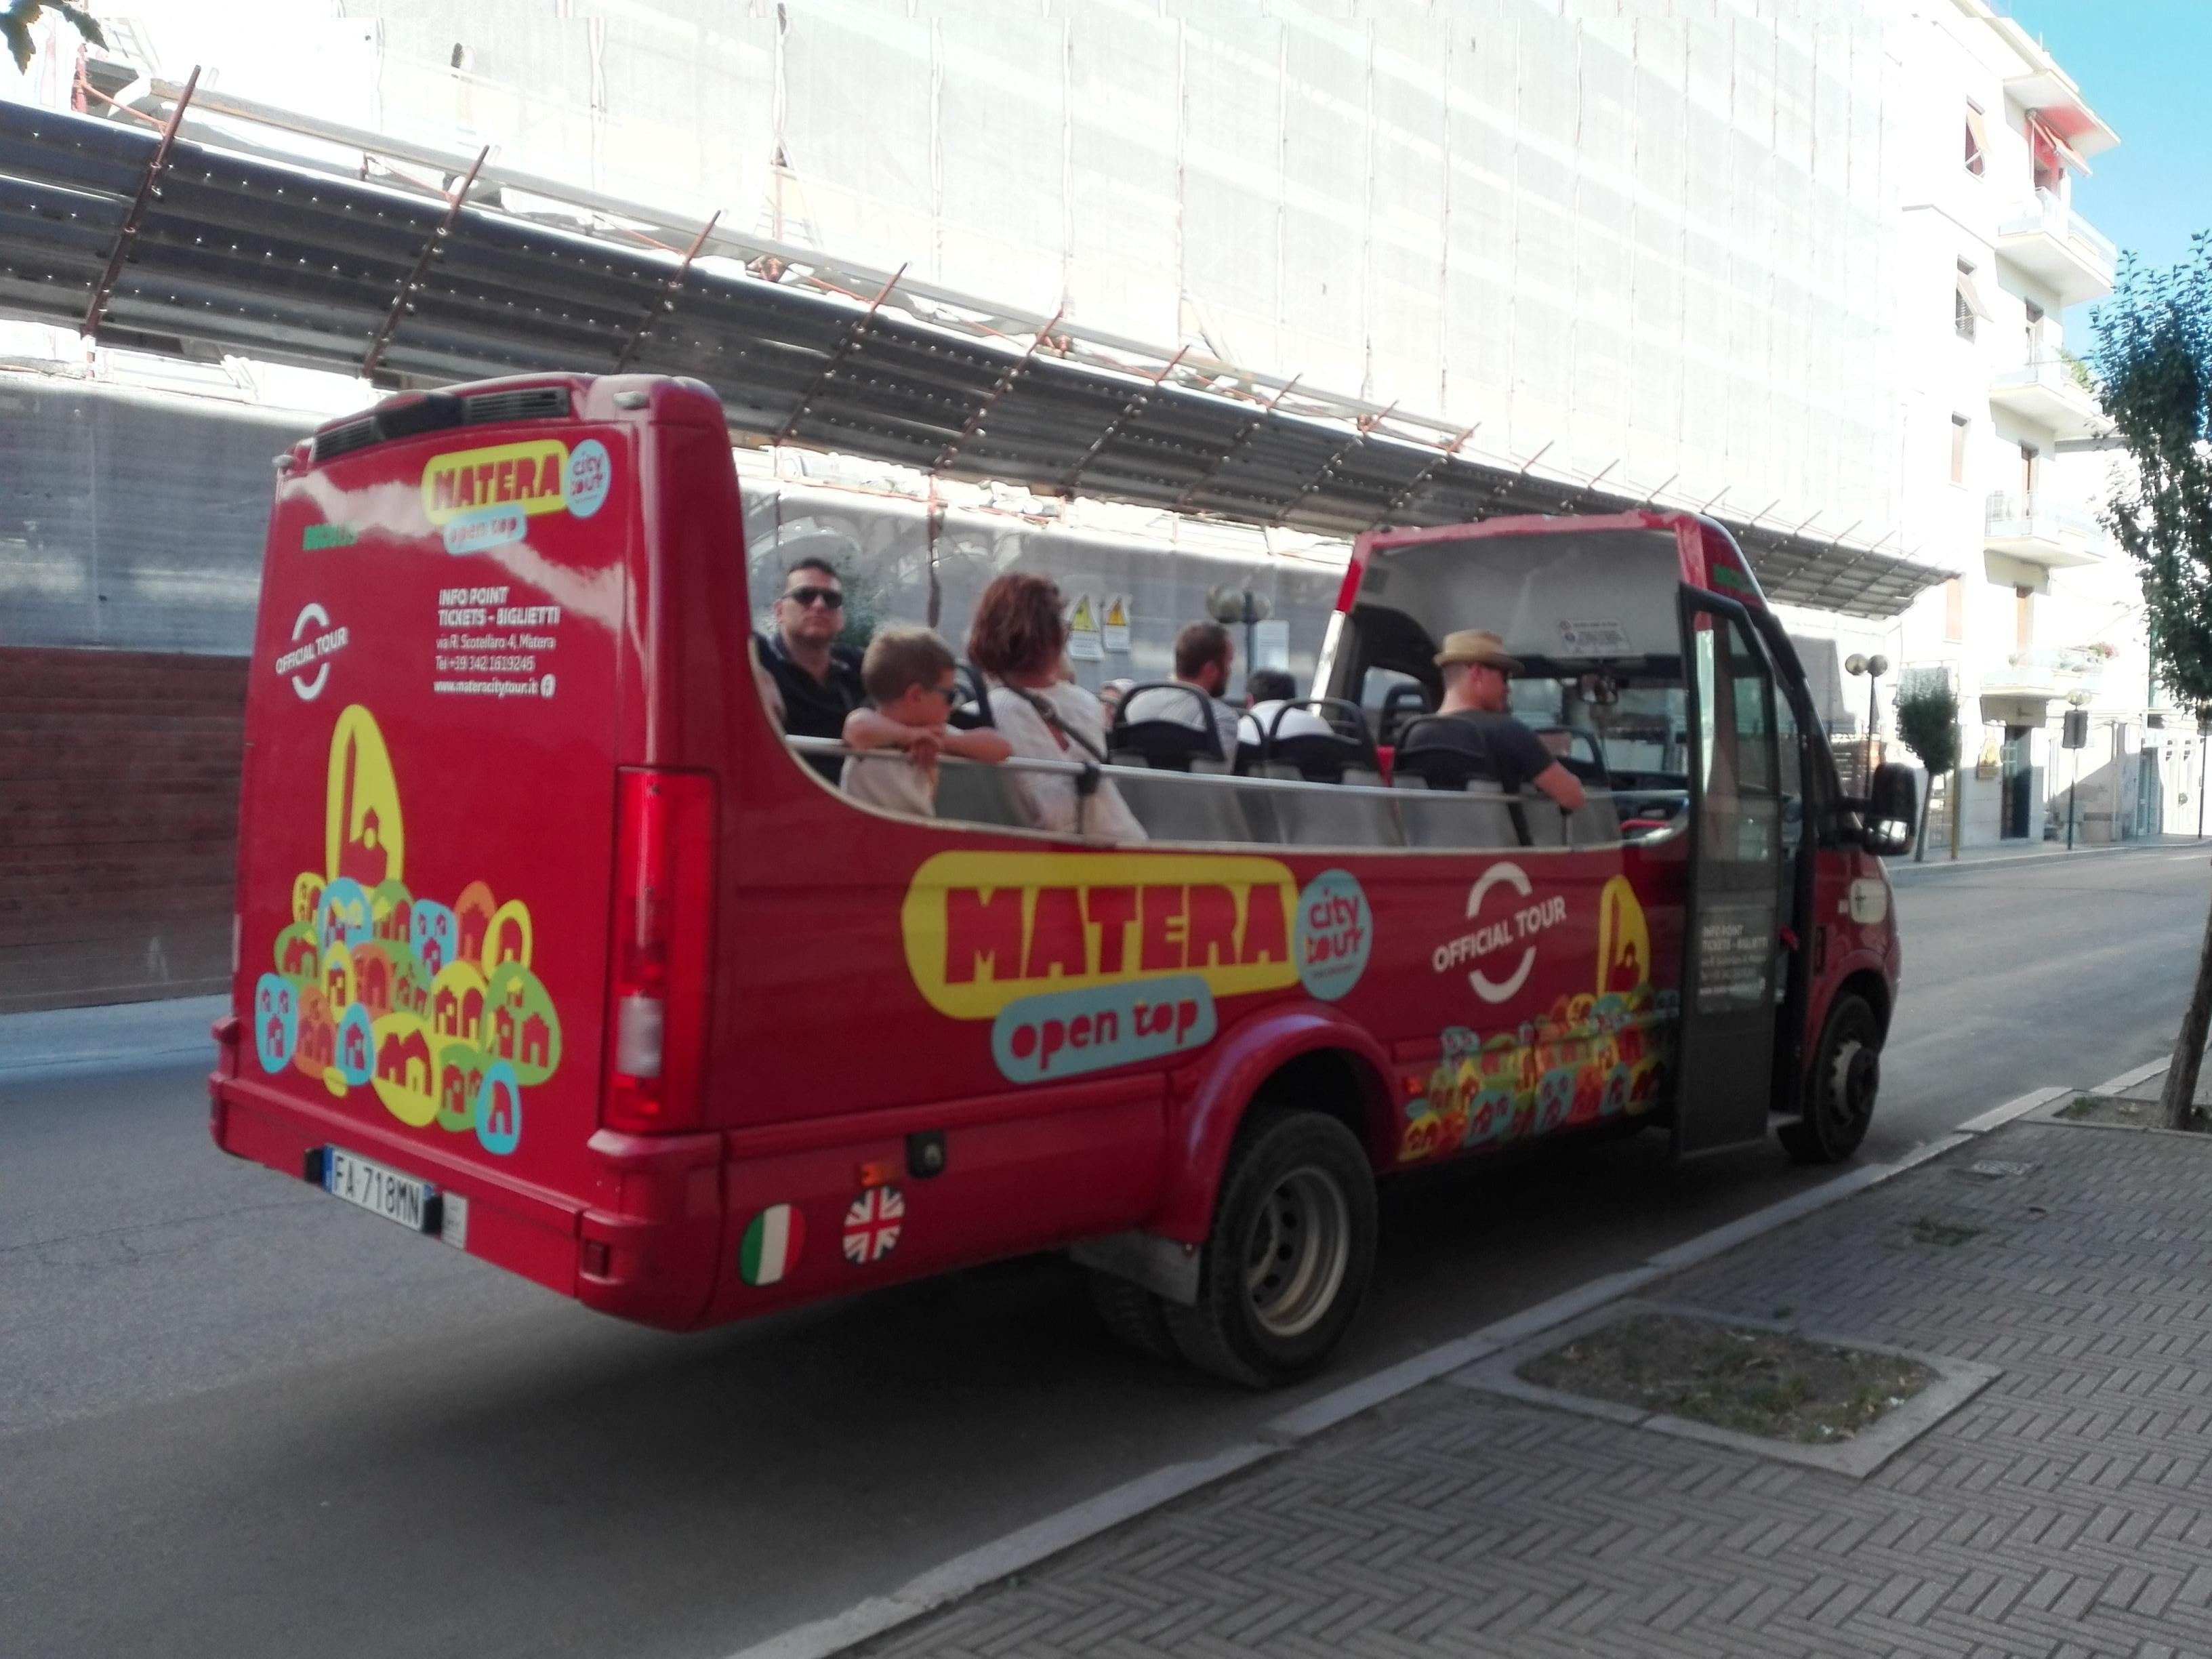 Bus Matera City Tour